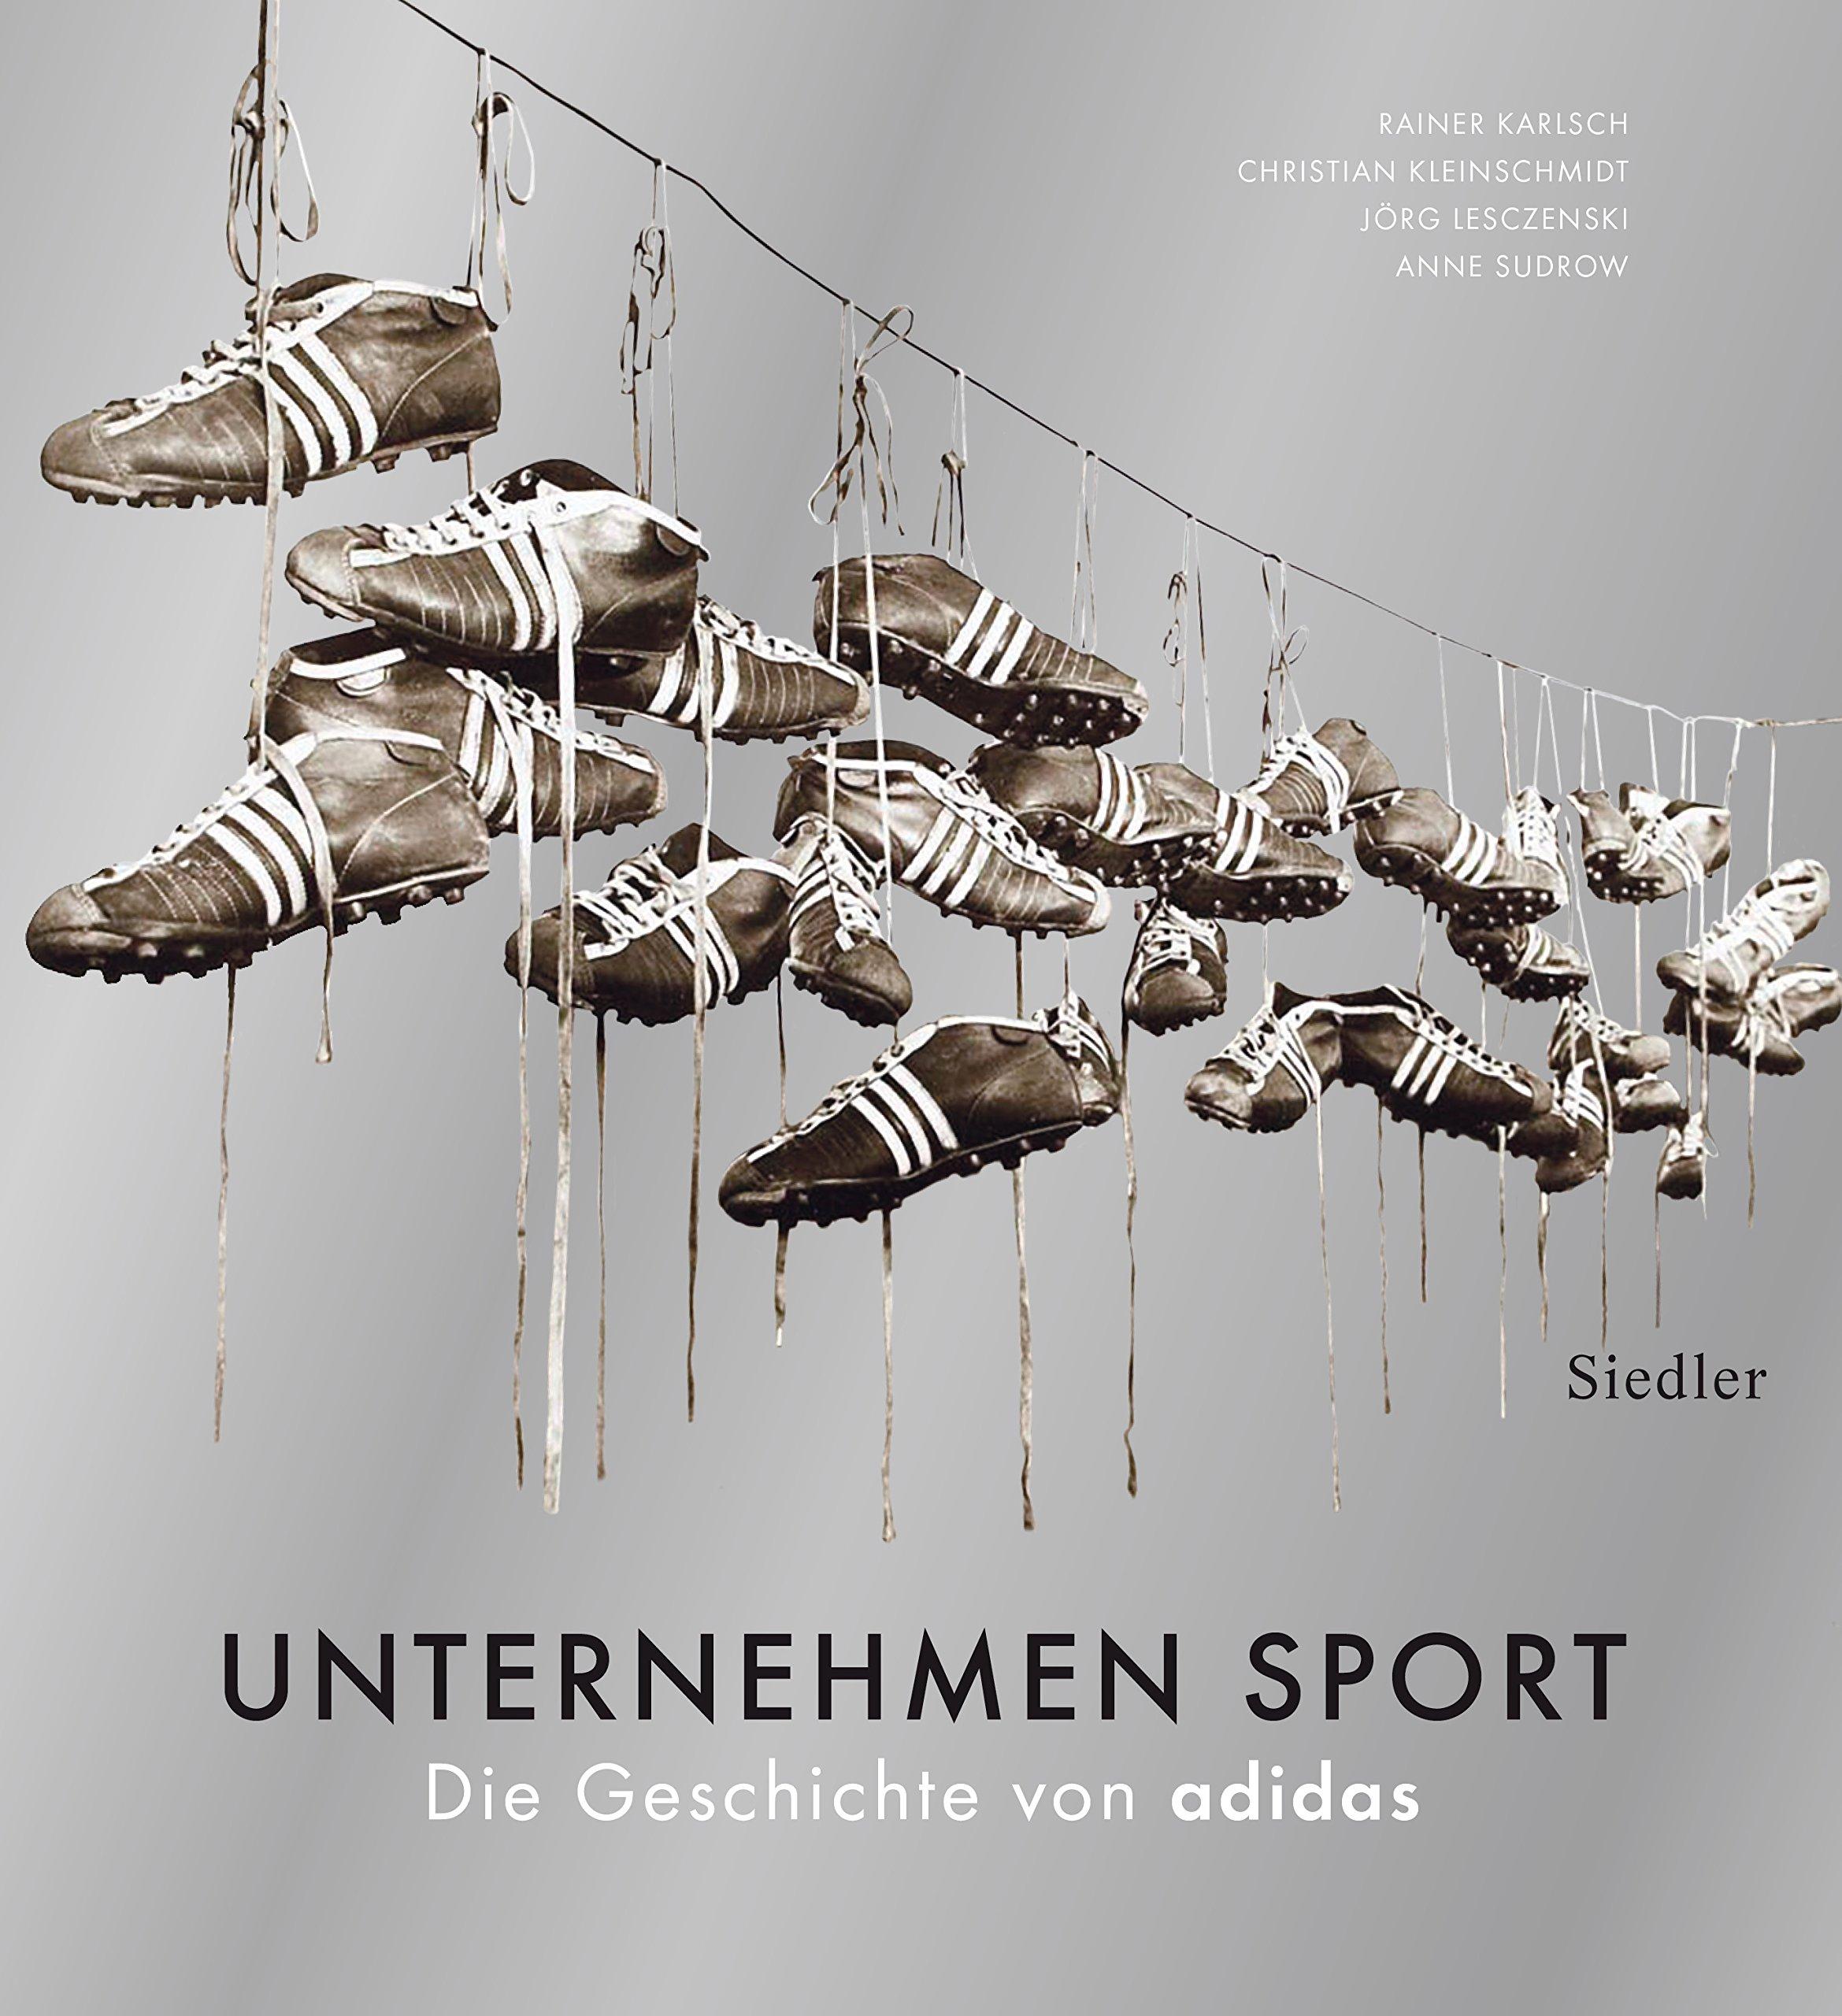 Unternehmen Sport: Die Geschichte von adidas